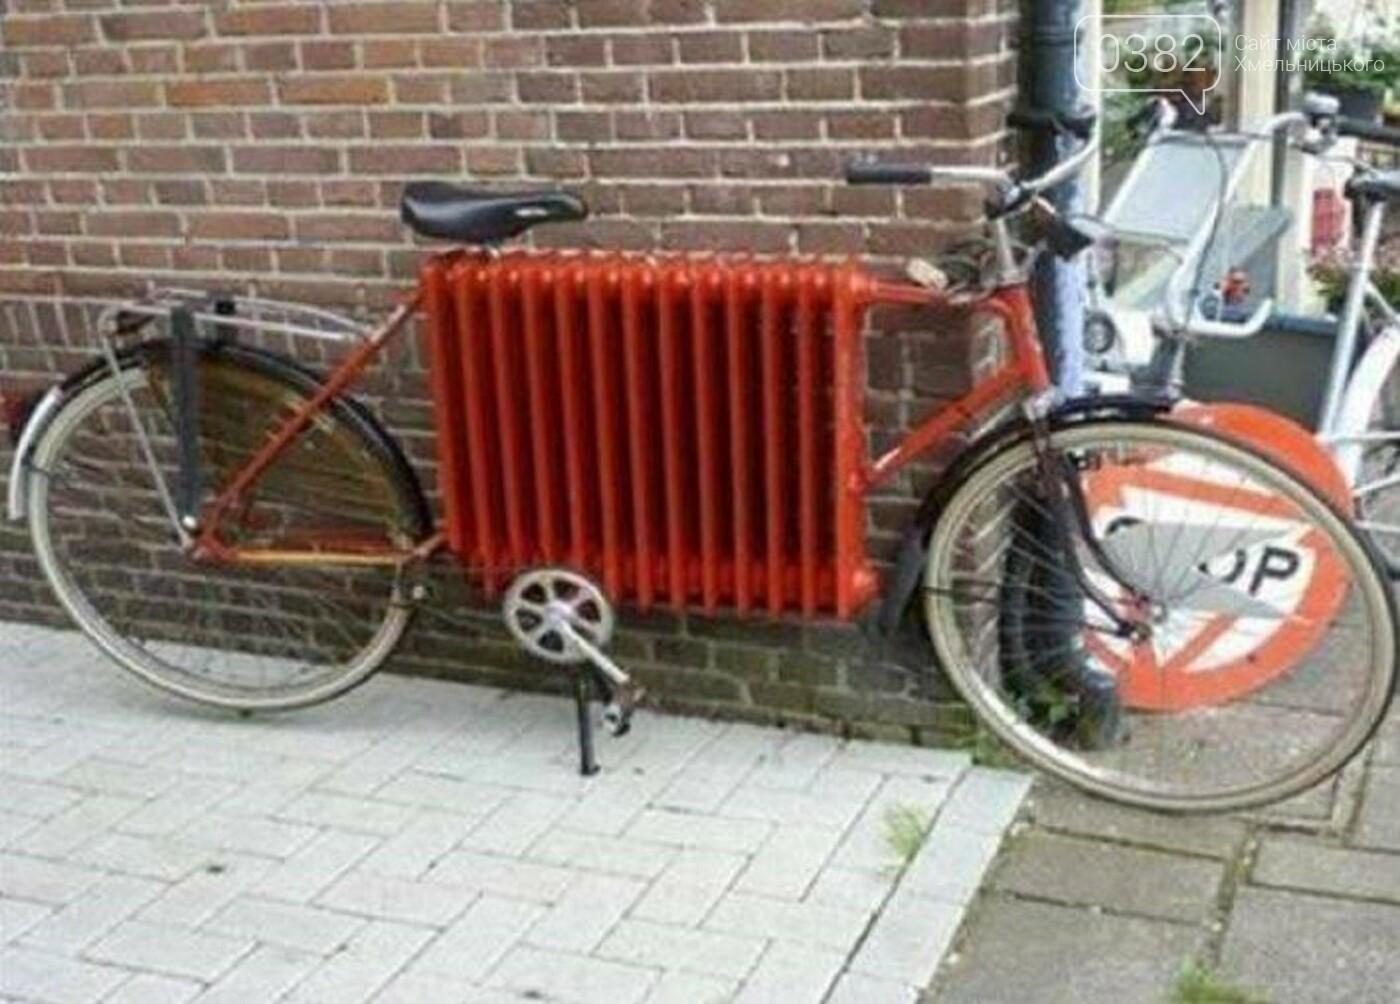 #Прикрути: інтернет-спільнота відреагувала на прохання зменшити споживання газу. НАЙКРАЩЕ, фото-8